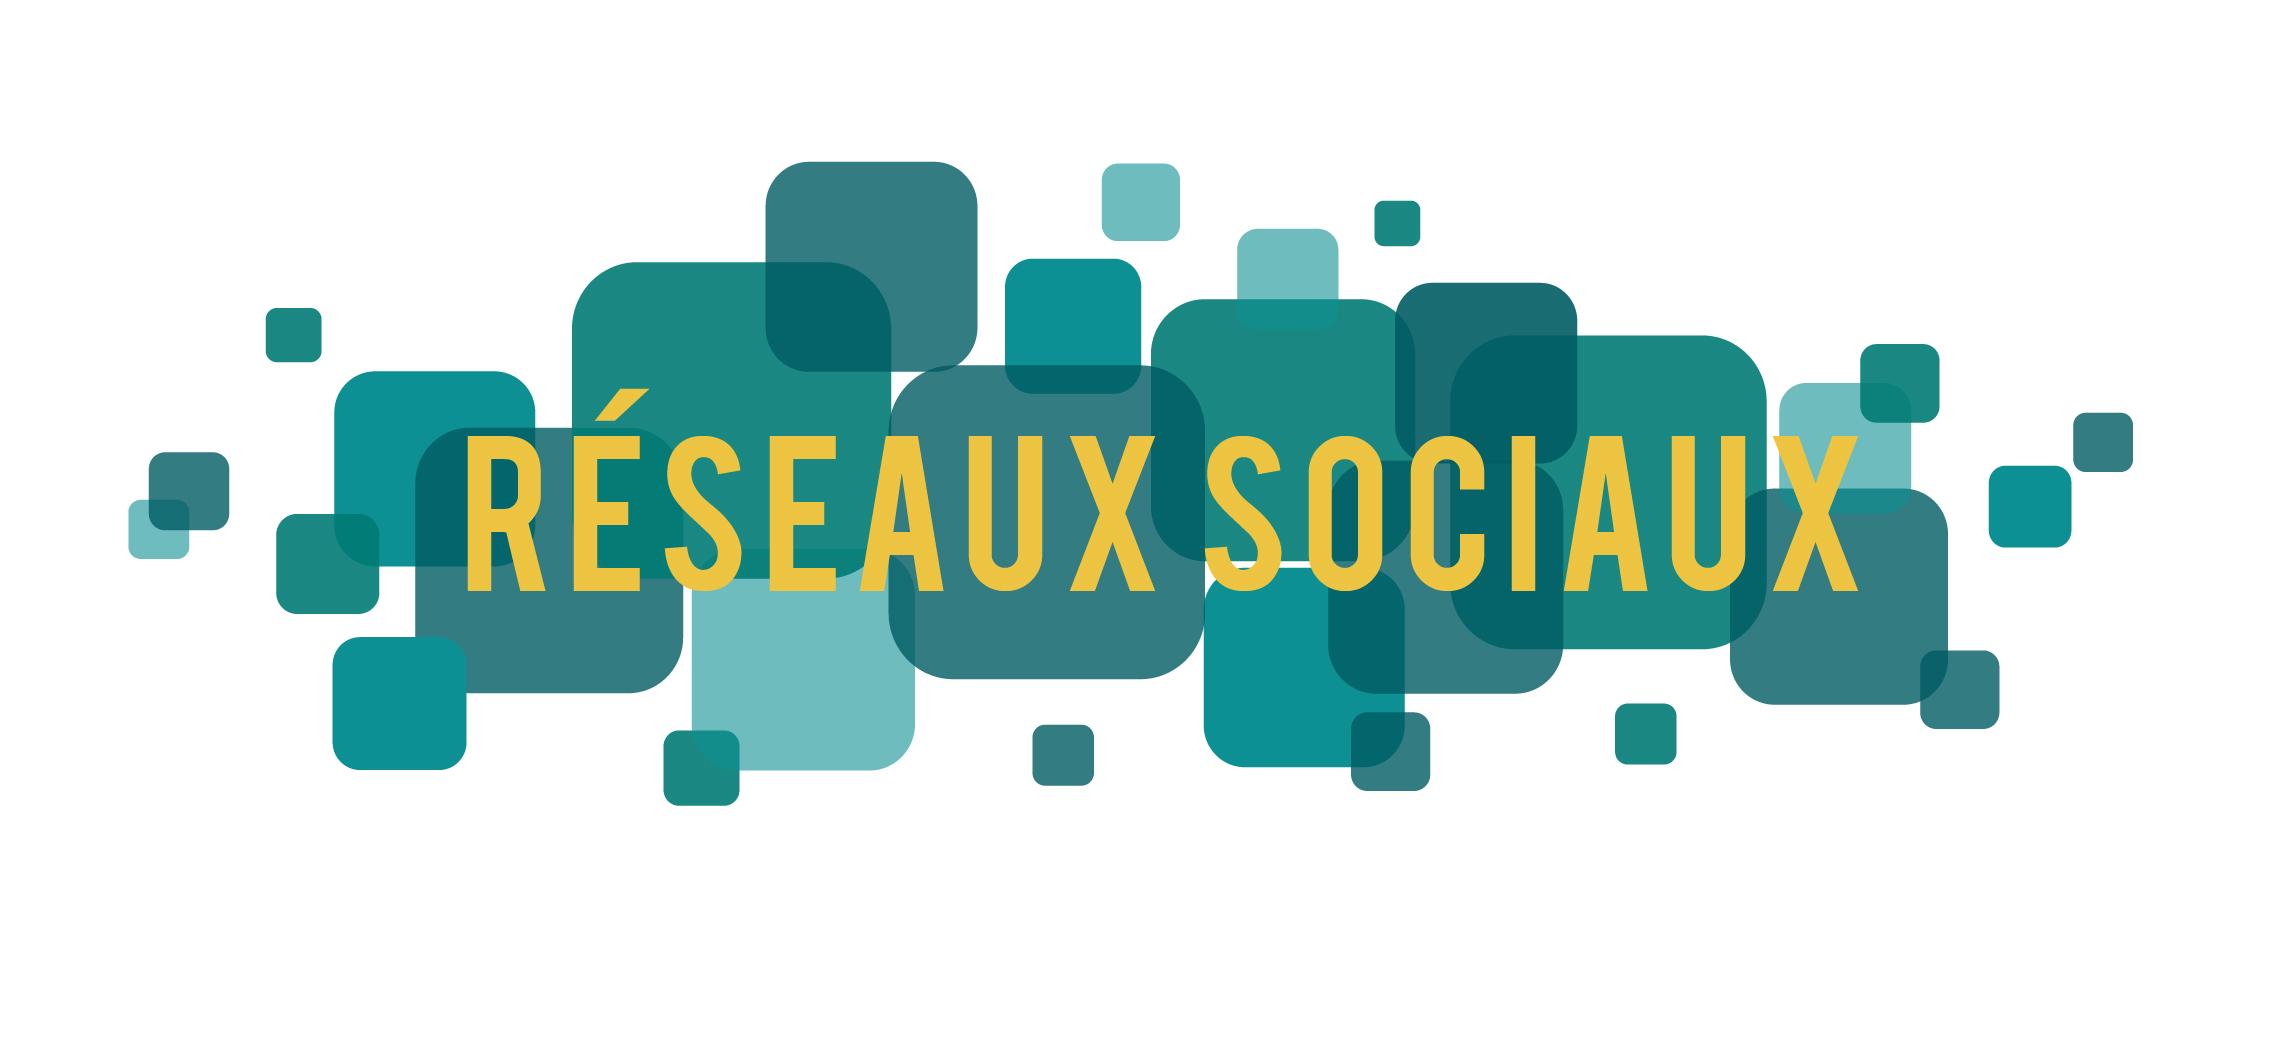 Rejoignez les réseaux sociaux